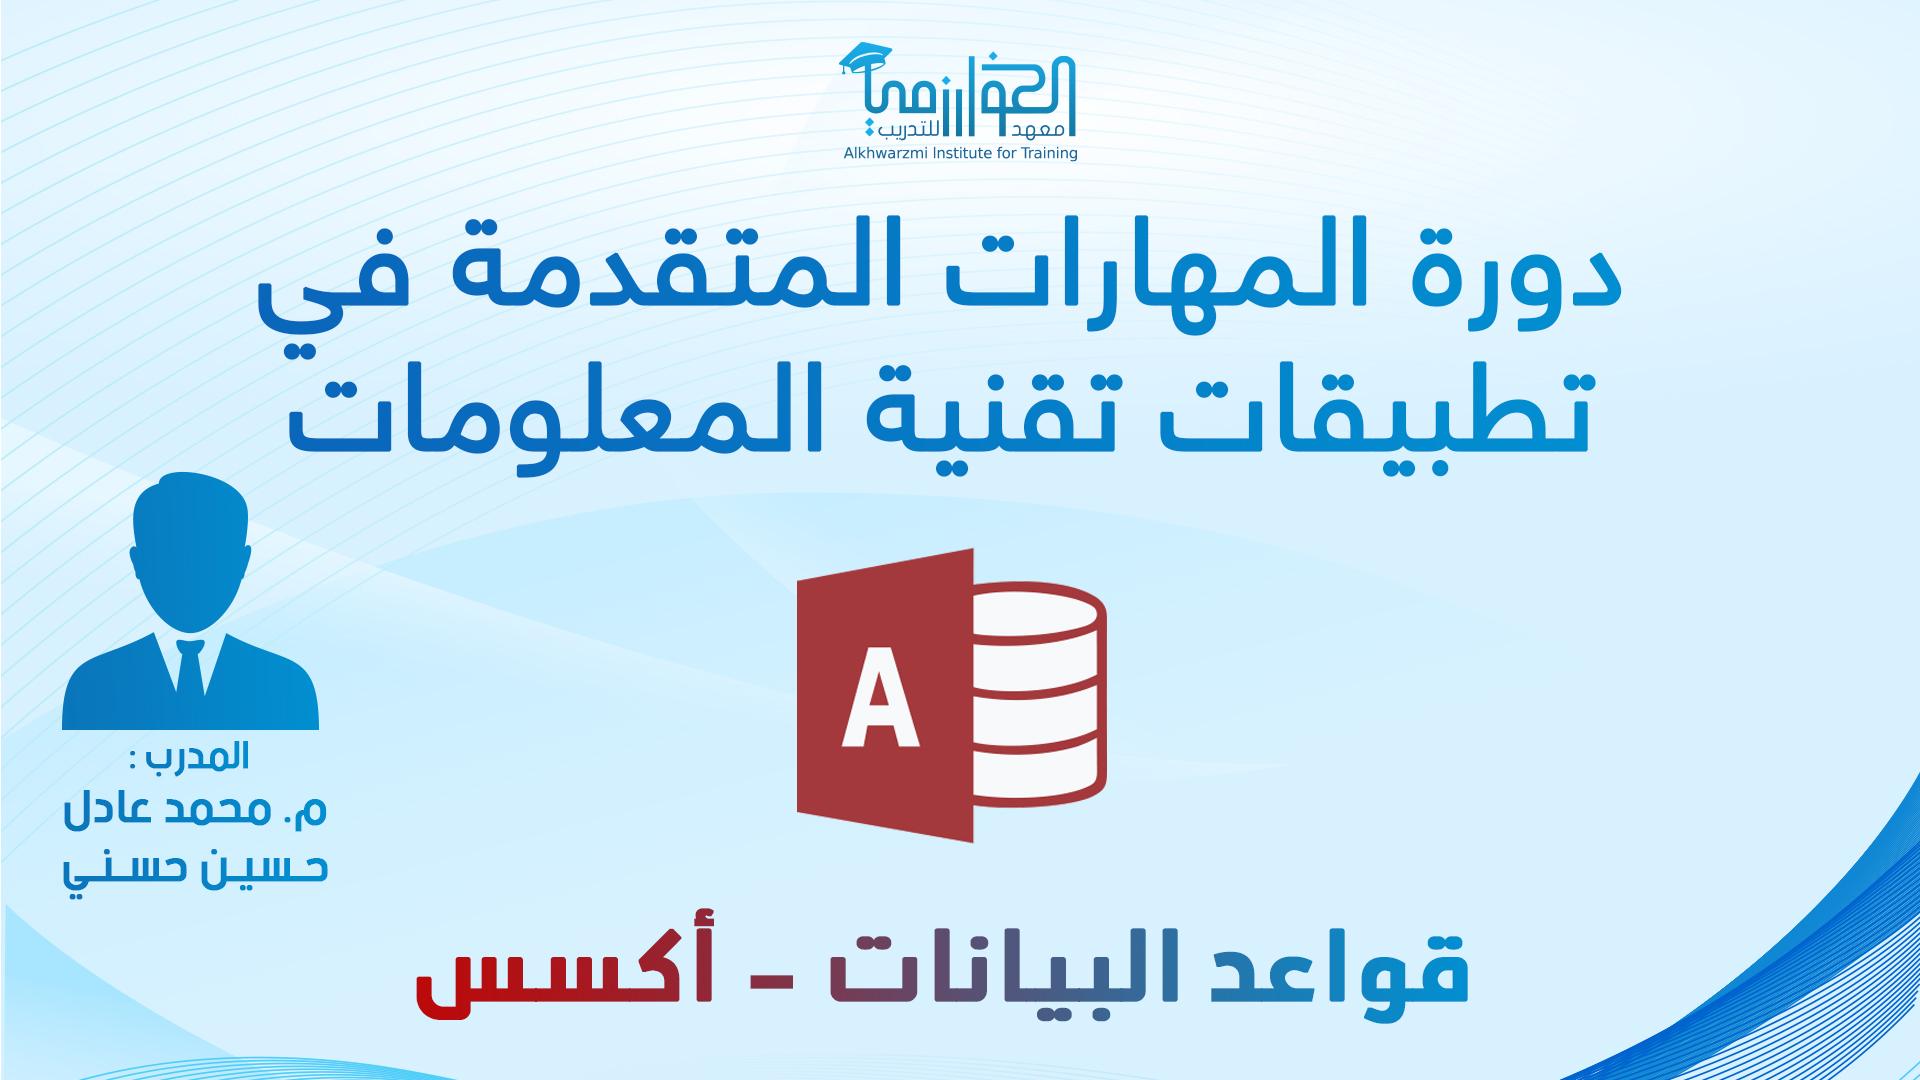 قواعد البيانات (أكسس - الدرس الأول)